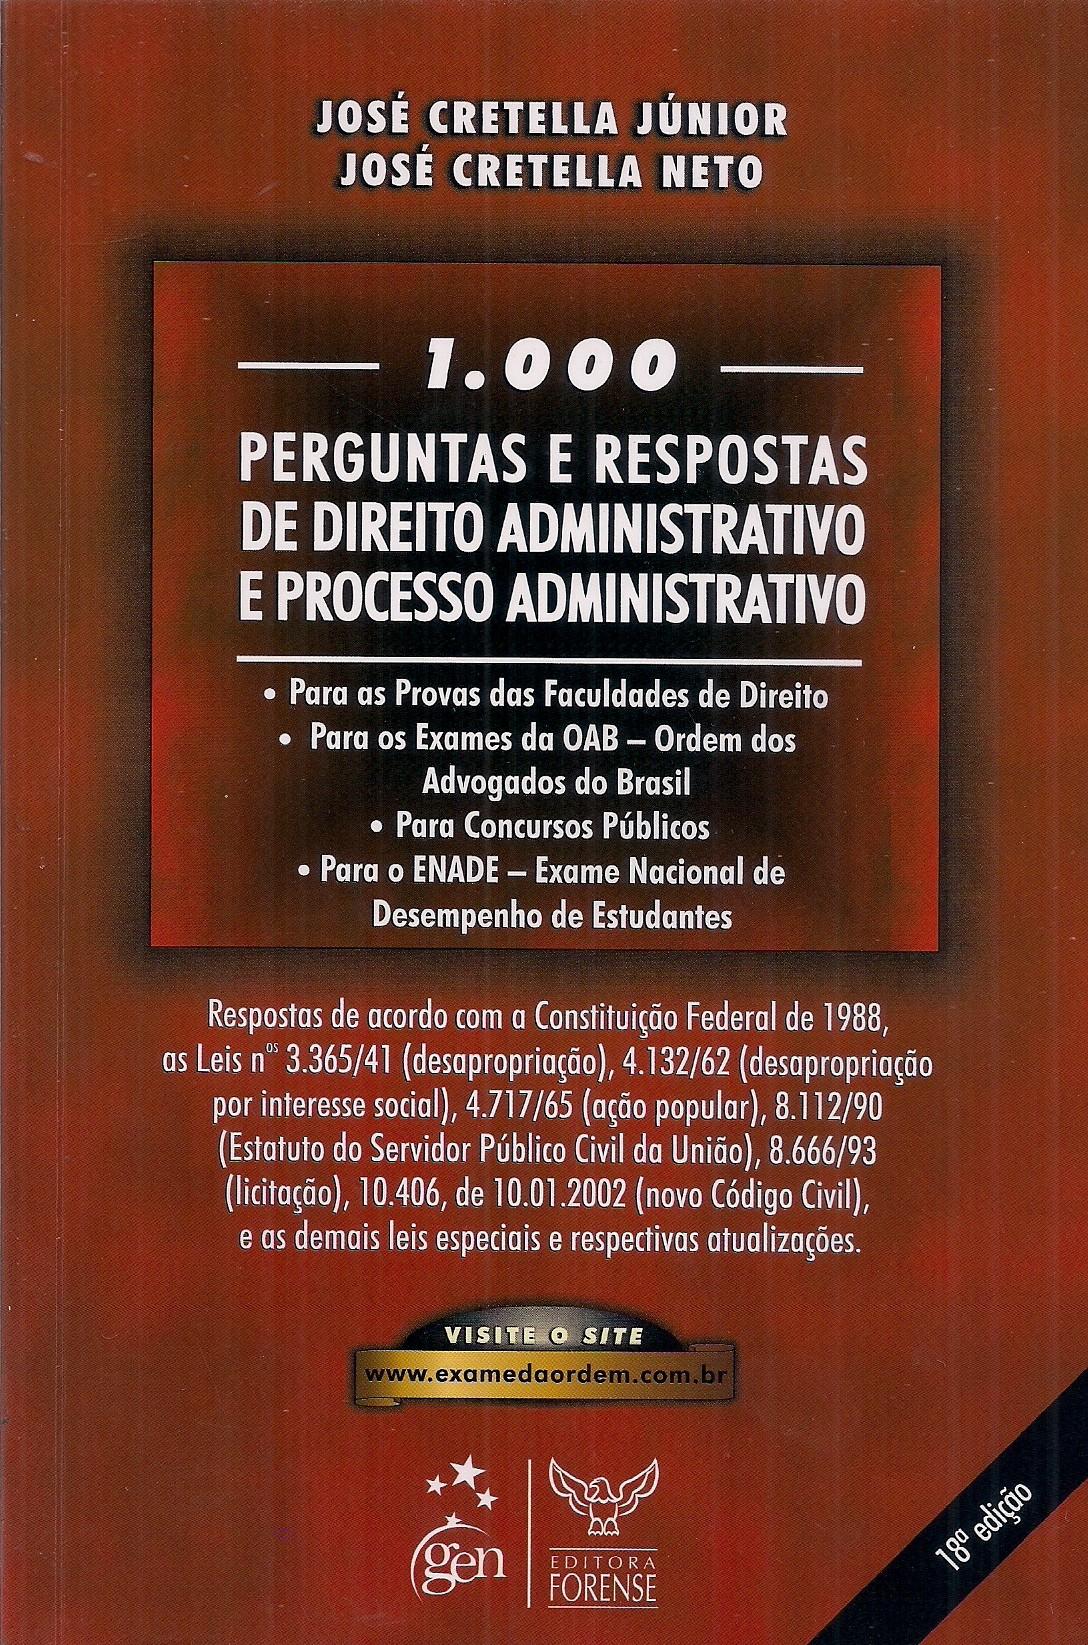 Foto 1 - 1000 Perguntas e Respostas de Direito Administrativo e Processo Administrativo